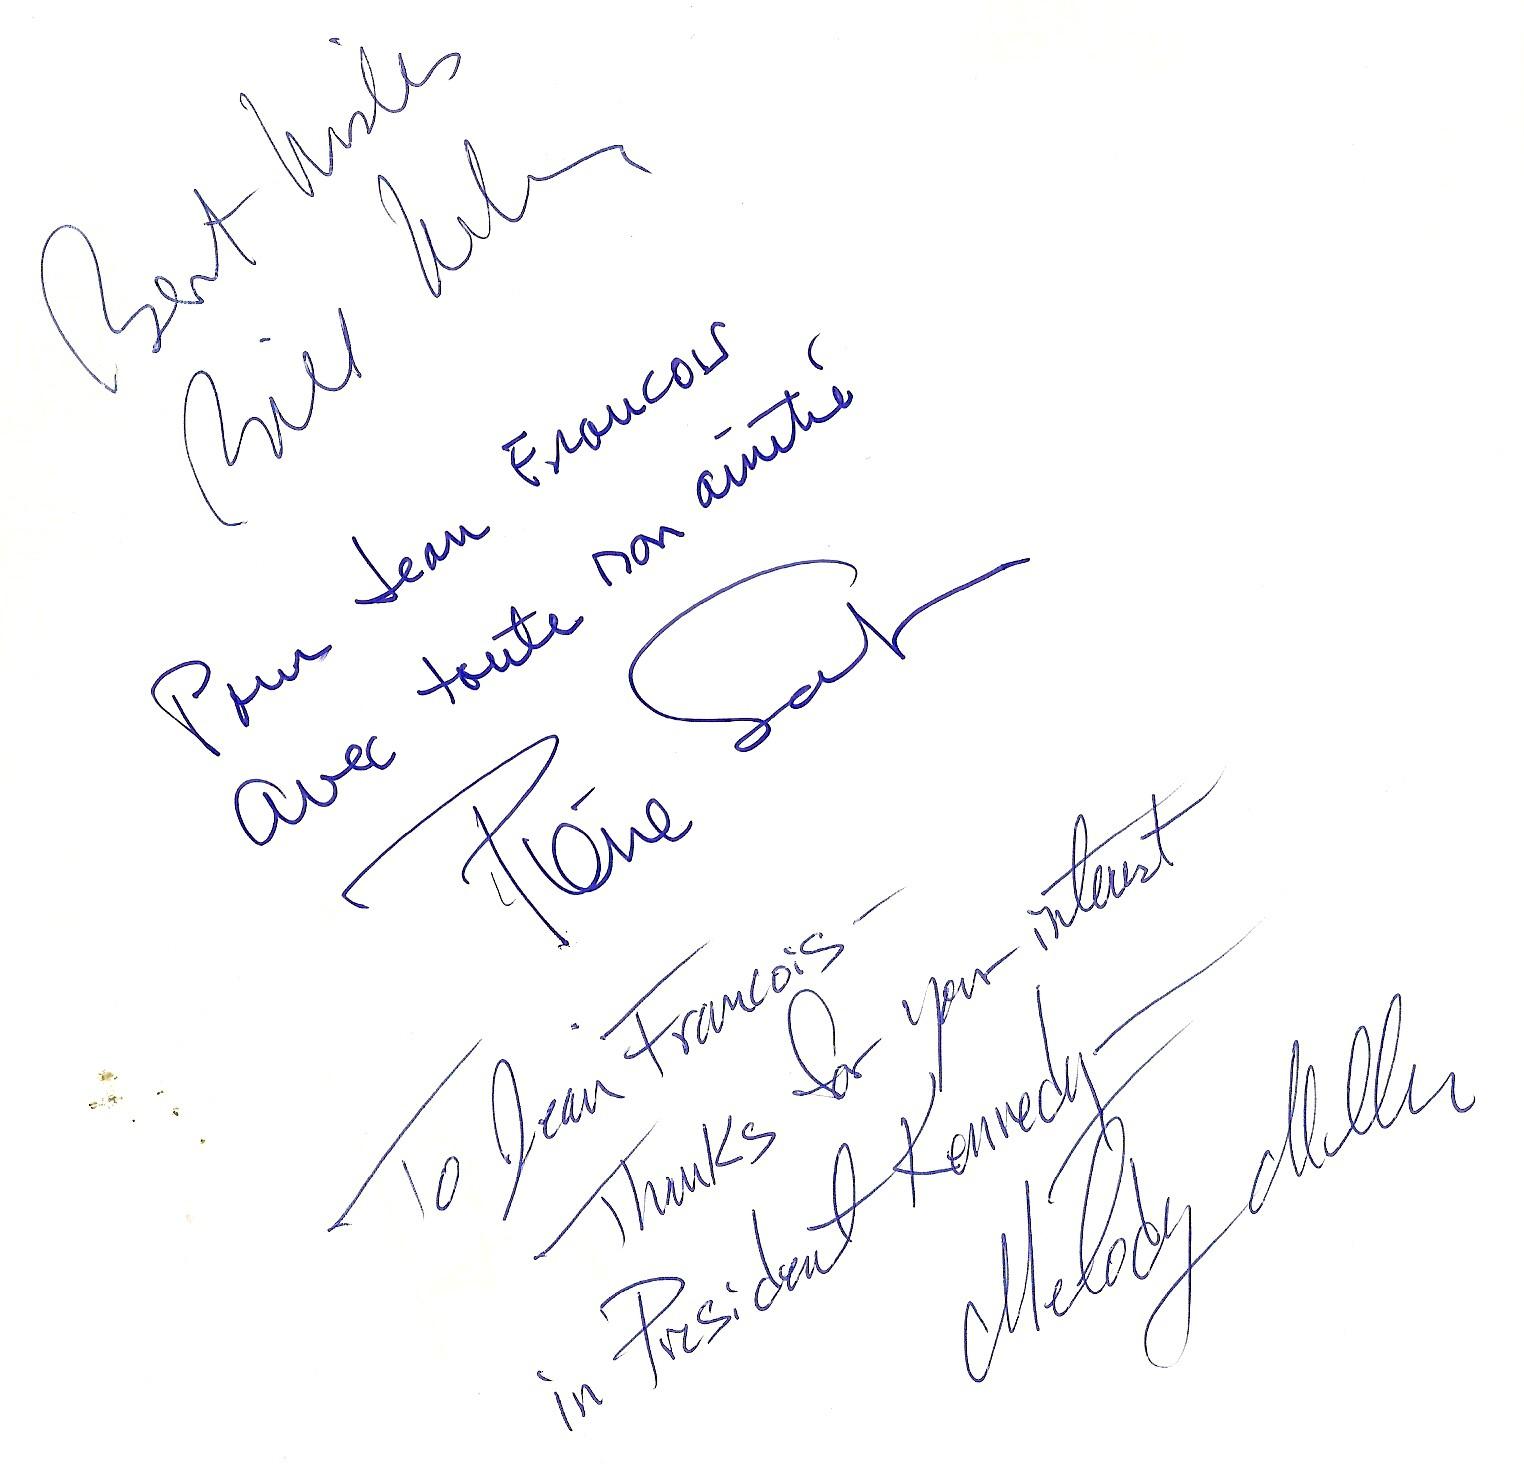 Les dédicaces de Bill Wilson, Pierre Salinger et Melody Miller (30.05.1997)